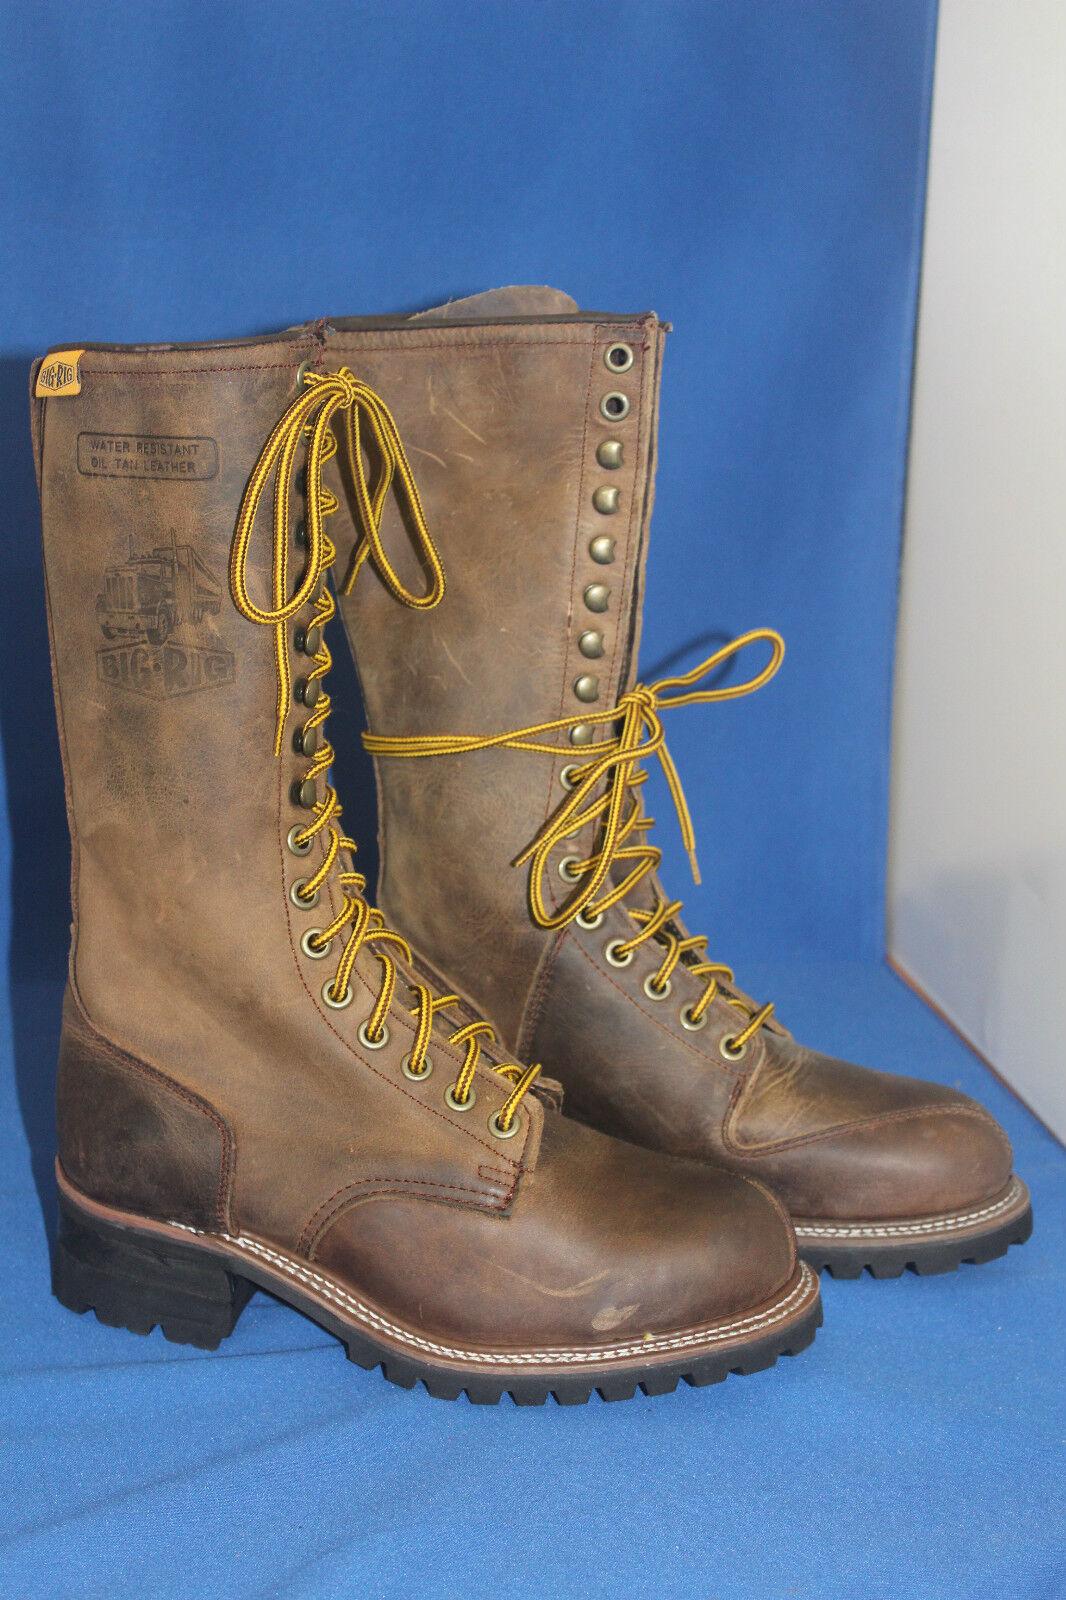 Hando Big Rig Boots registrador worker botas talla. 39 cuero